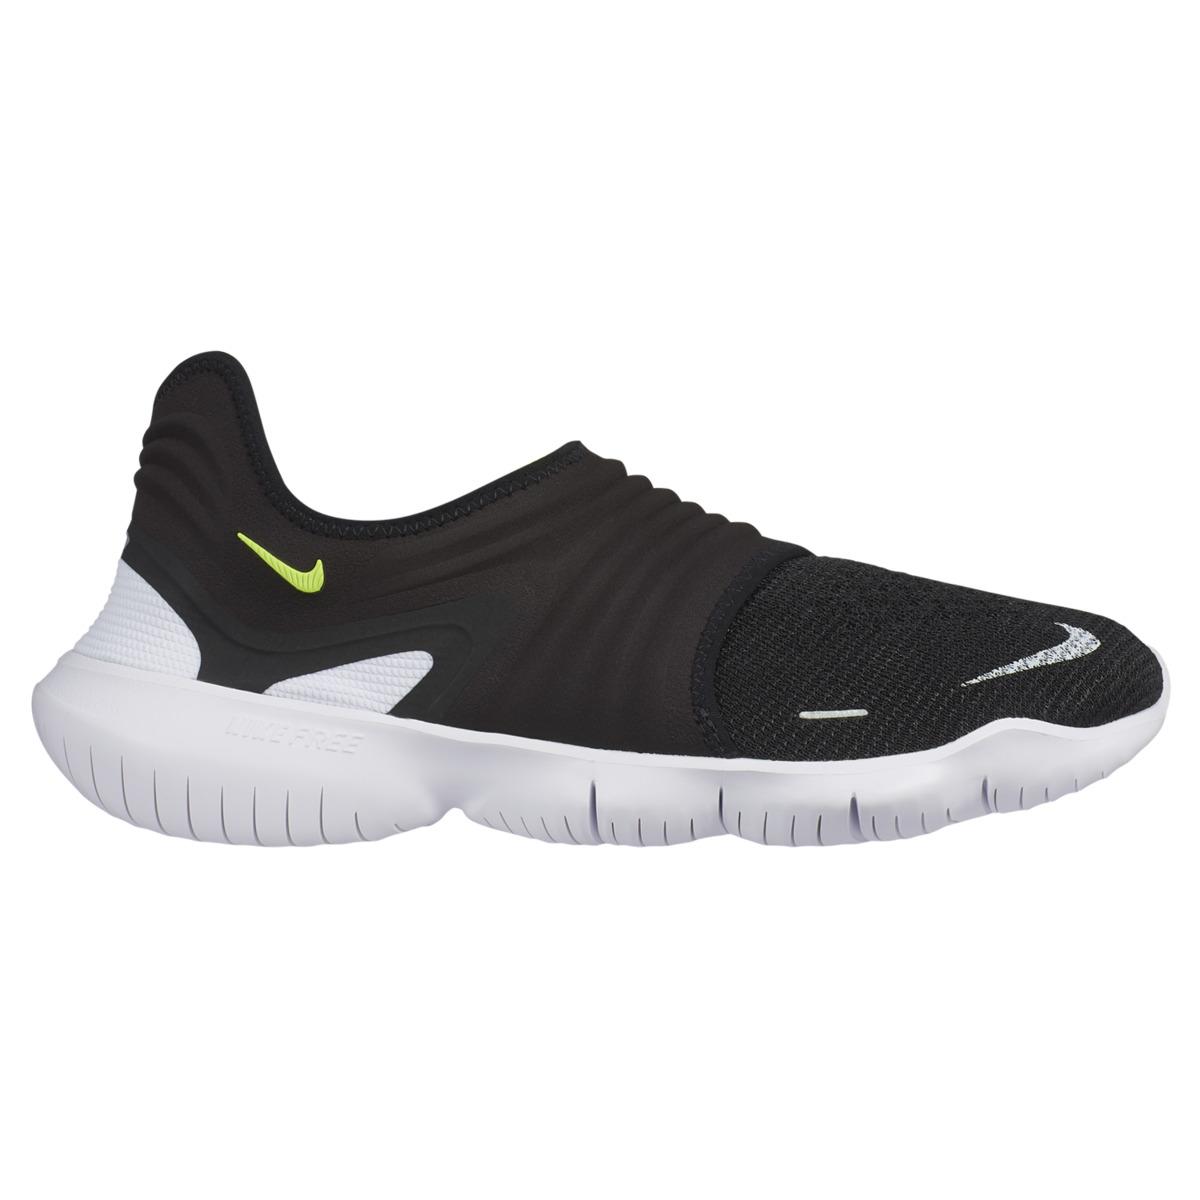 Zapatillas de running de hombre Free RN Flyknit 3.0 Nike